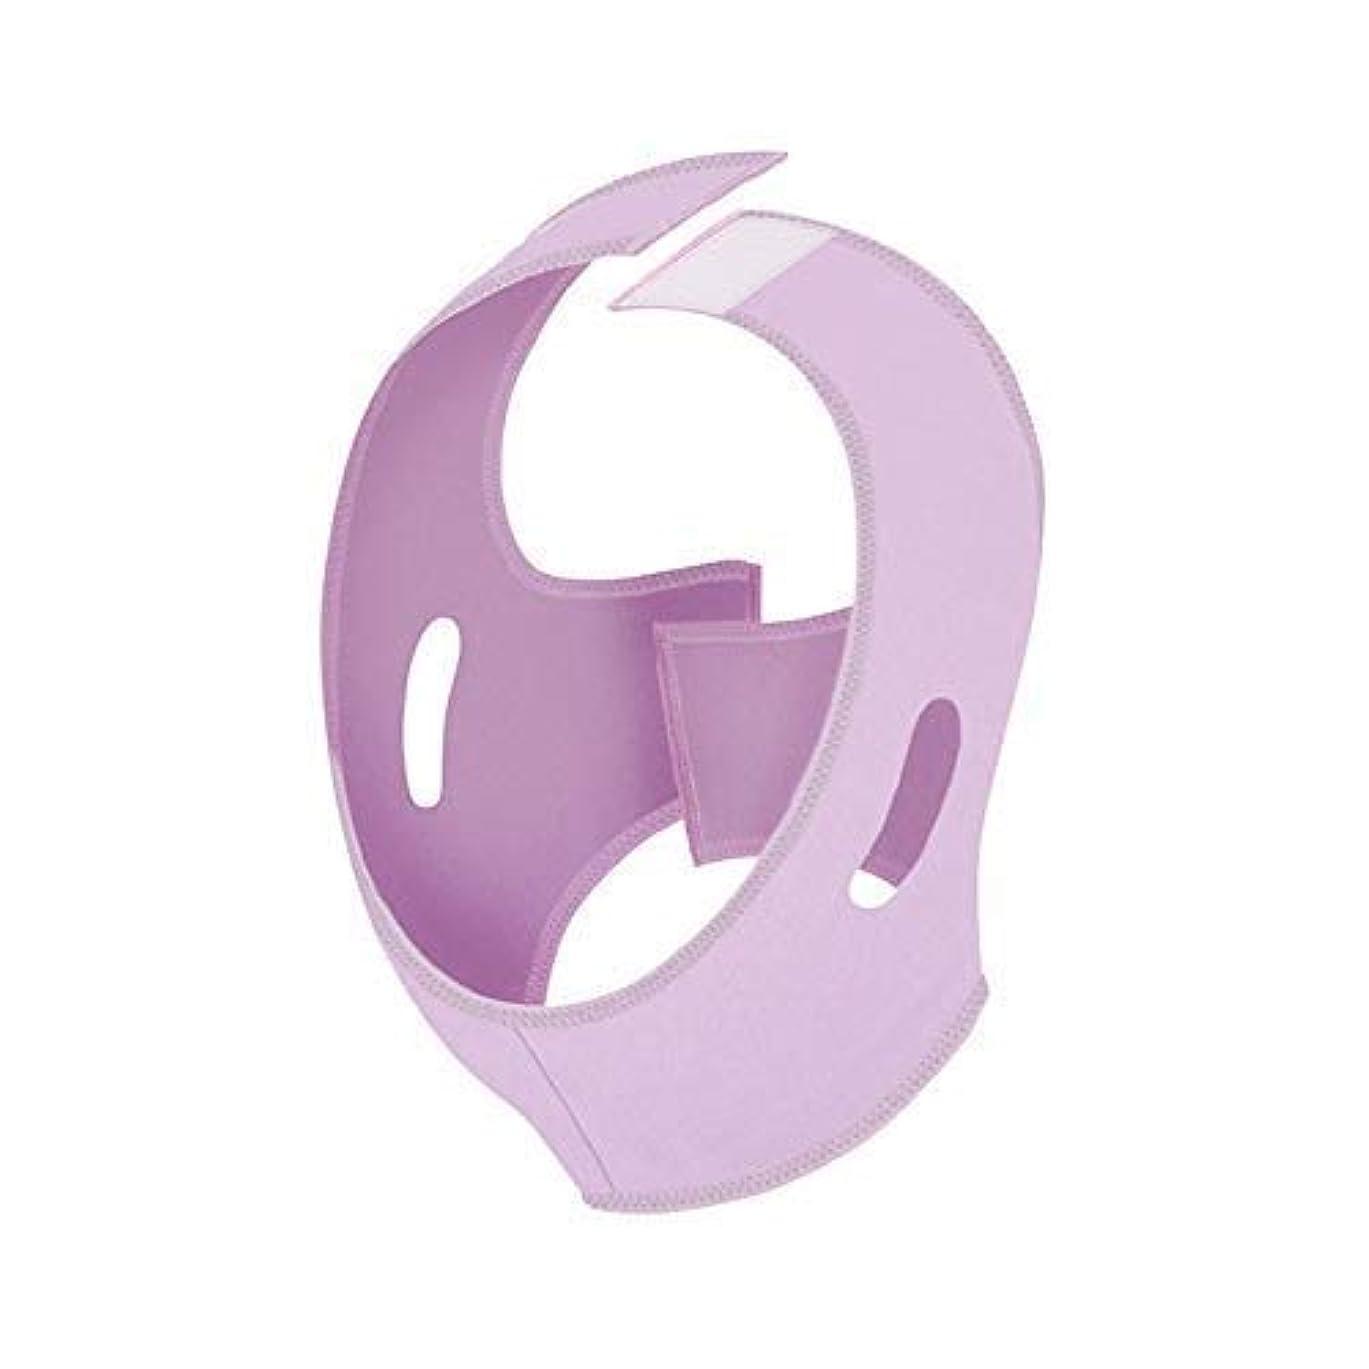 刺繍おとなしい鼓舞するフェイシャルマスク、リフティングアーティファクトフェイスマスク垂れ下がった小さなVフェイスバンデージ付きの顔